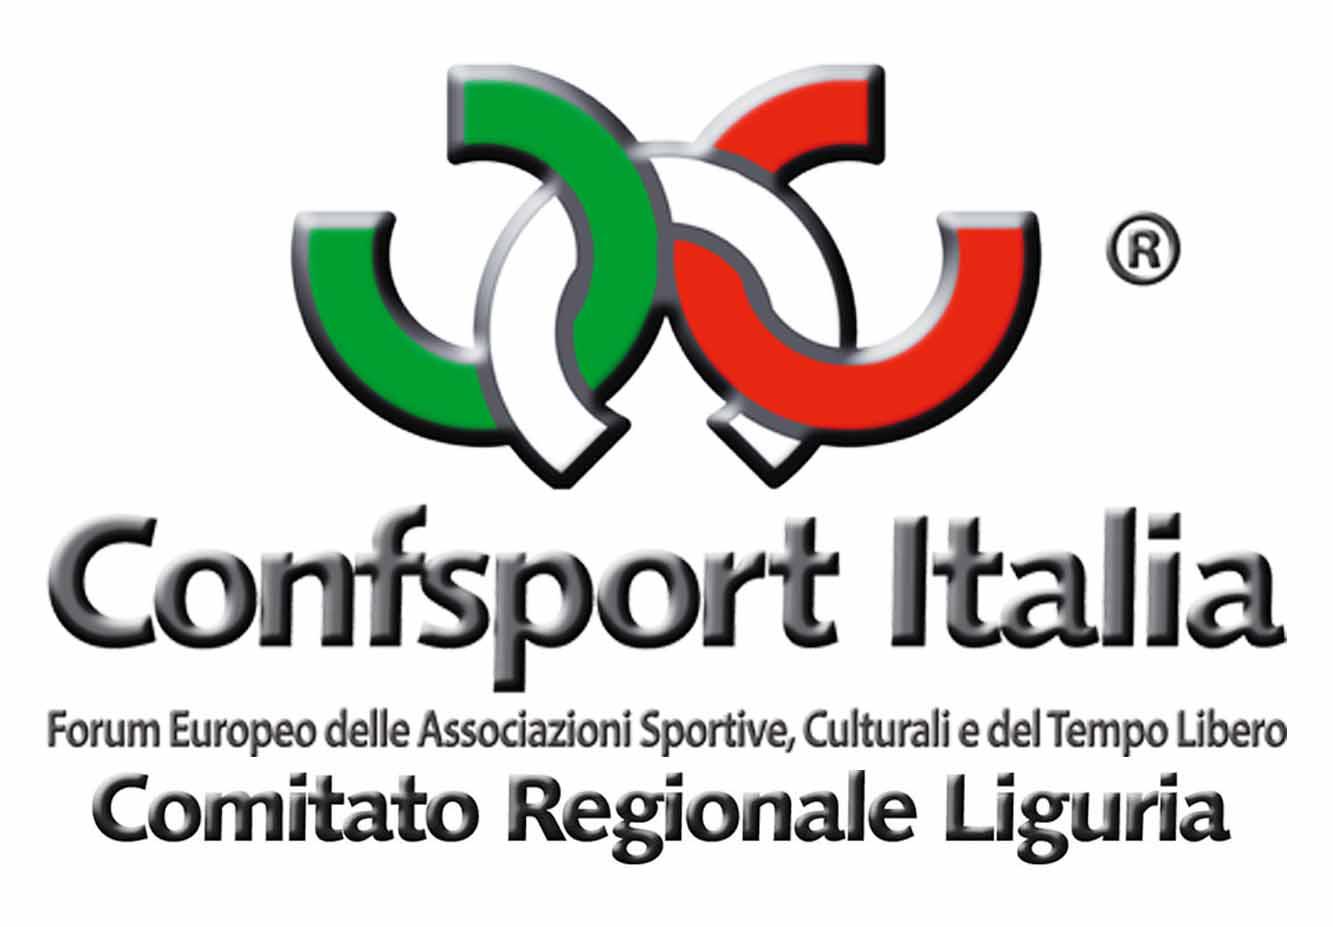 Calendario Regionale Liguria.Regione Liguria Confsport Italia